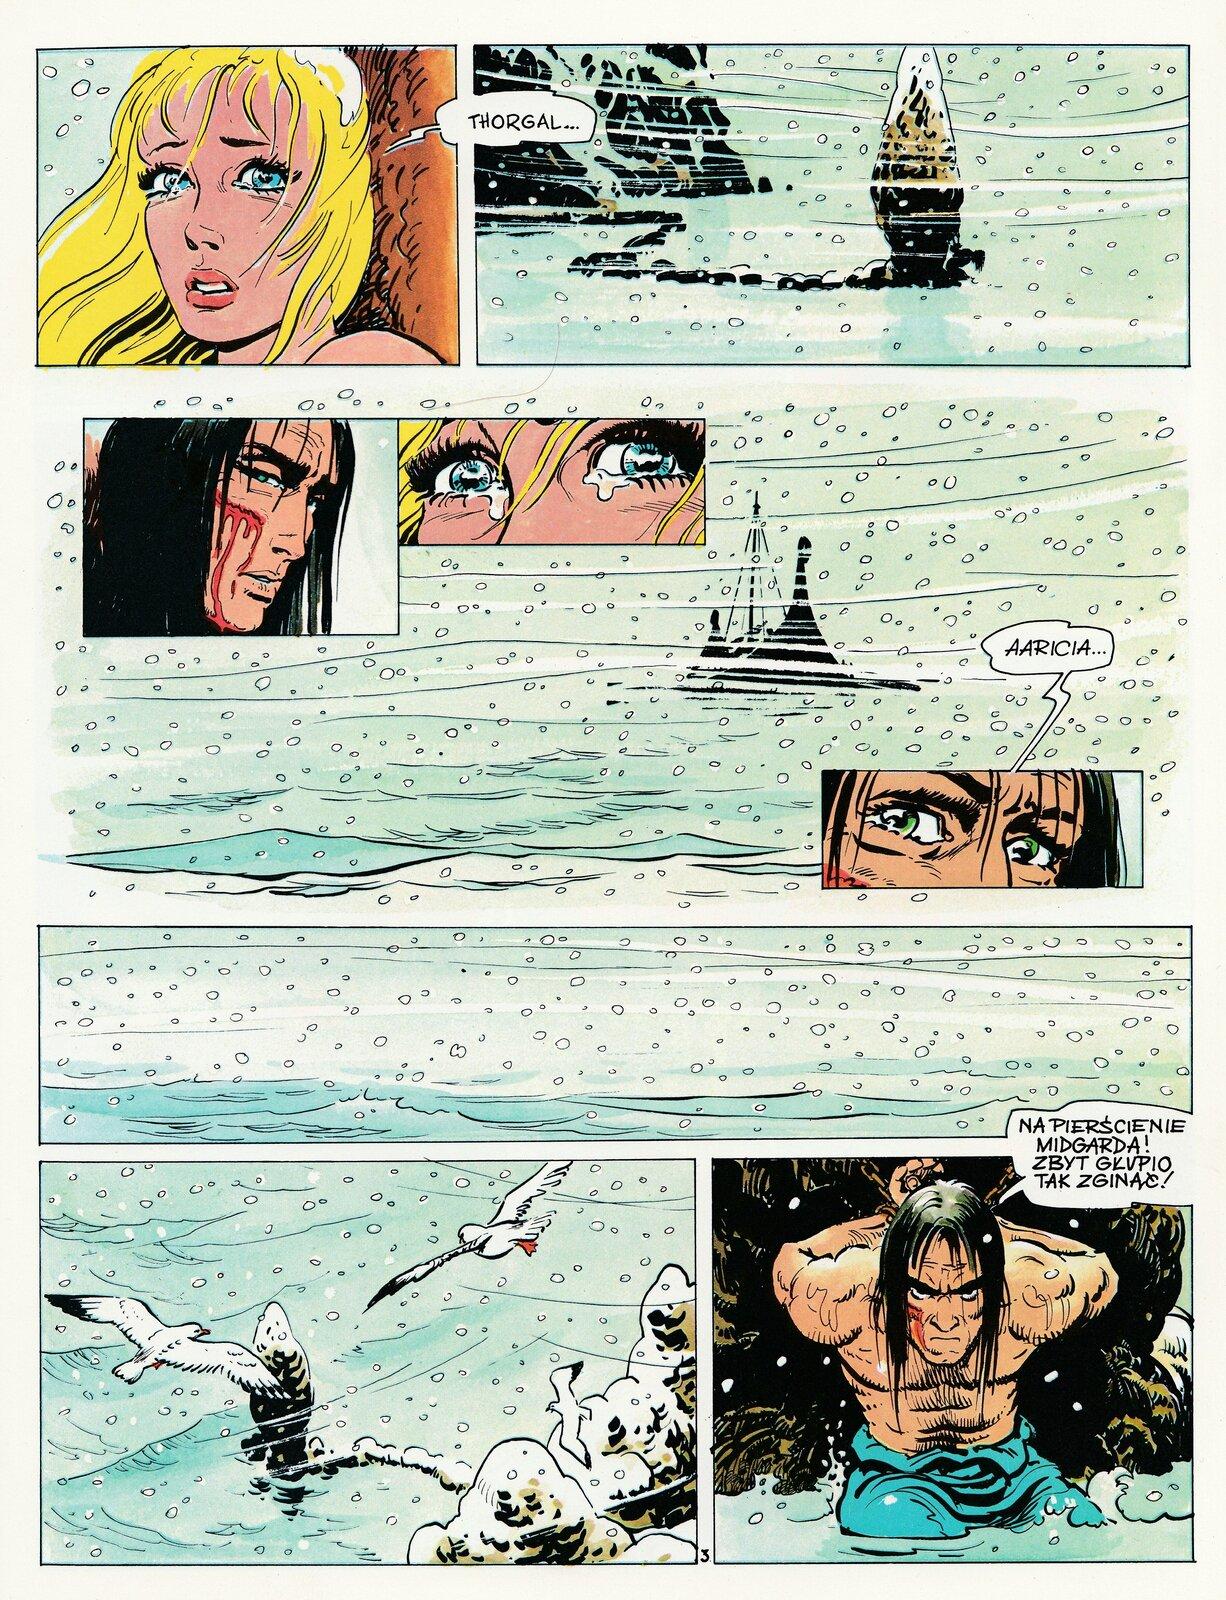 """Ilustracja przedstawia stronę zkomiksu """"Thorgal. Zdradzona czarodziejka"""". Ukazuje sześć rysunków. Na pierwszym znajduje się zapłakana kobieta oblond włosach która wypowiada imię Thorgala. Drugi przedstawia śnieżycę. Na trzecim, na tle śnieżycy są trzy ujęcia bohaterów: zakrwawionego Thorgala, zapłakanych oczu, iponownie Thorgala wypowiadającego imię dziewczyny Aaricia. Kolejna jest zbliżeniem na padający śnieg. Na przedostatniej ukazany jest widok zgóry na latające mewy. Ostatnia ukazuje klęczącego Thorgala ze związanymi ztyłu rękoma, wypowiadającego słowa: Na pierścienie Mitgarda! Zbyt głupio tak zginąć!"""